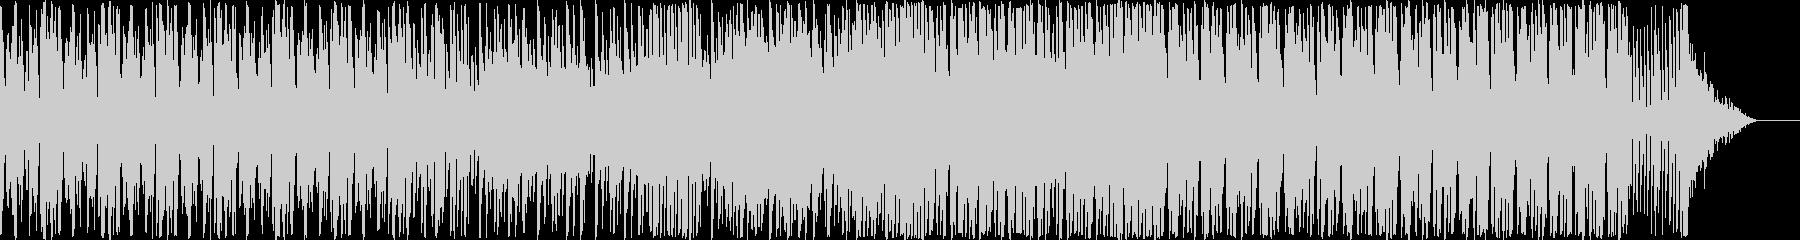 1分間クイズの頭脳派コンピュータBGMの未再生の波形